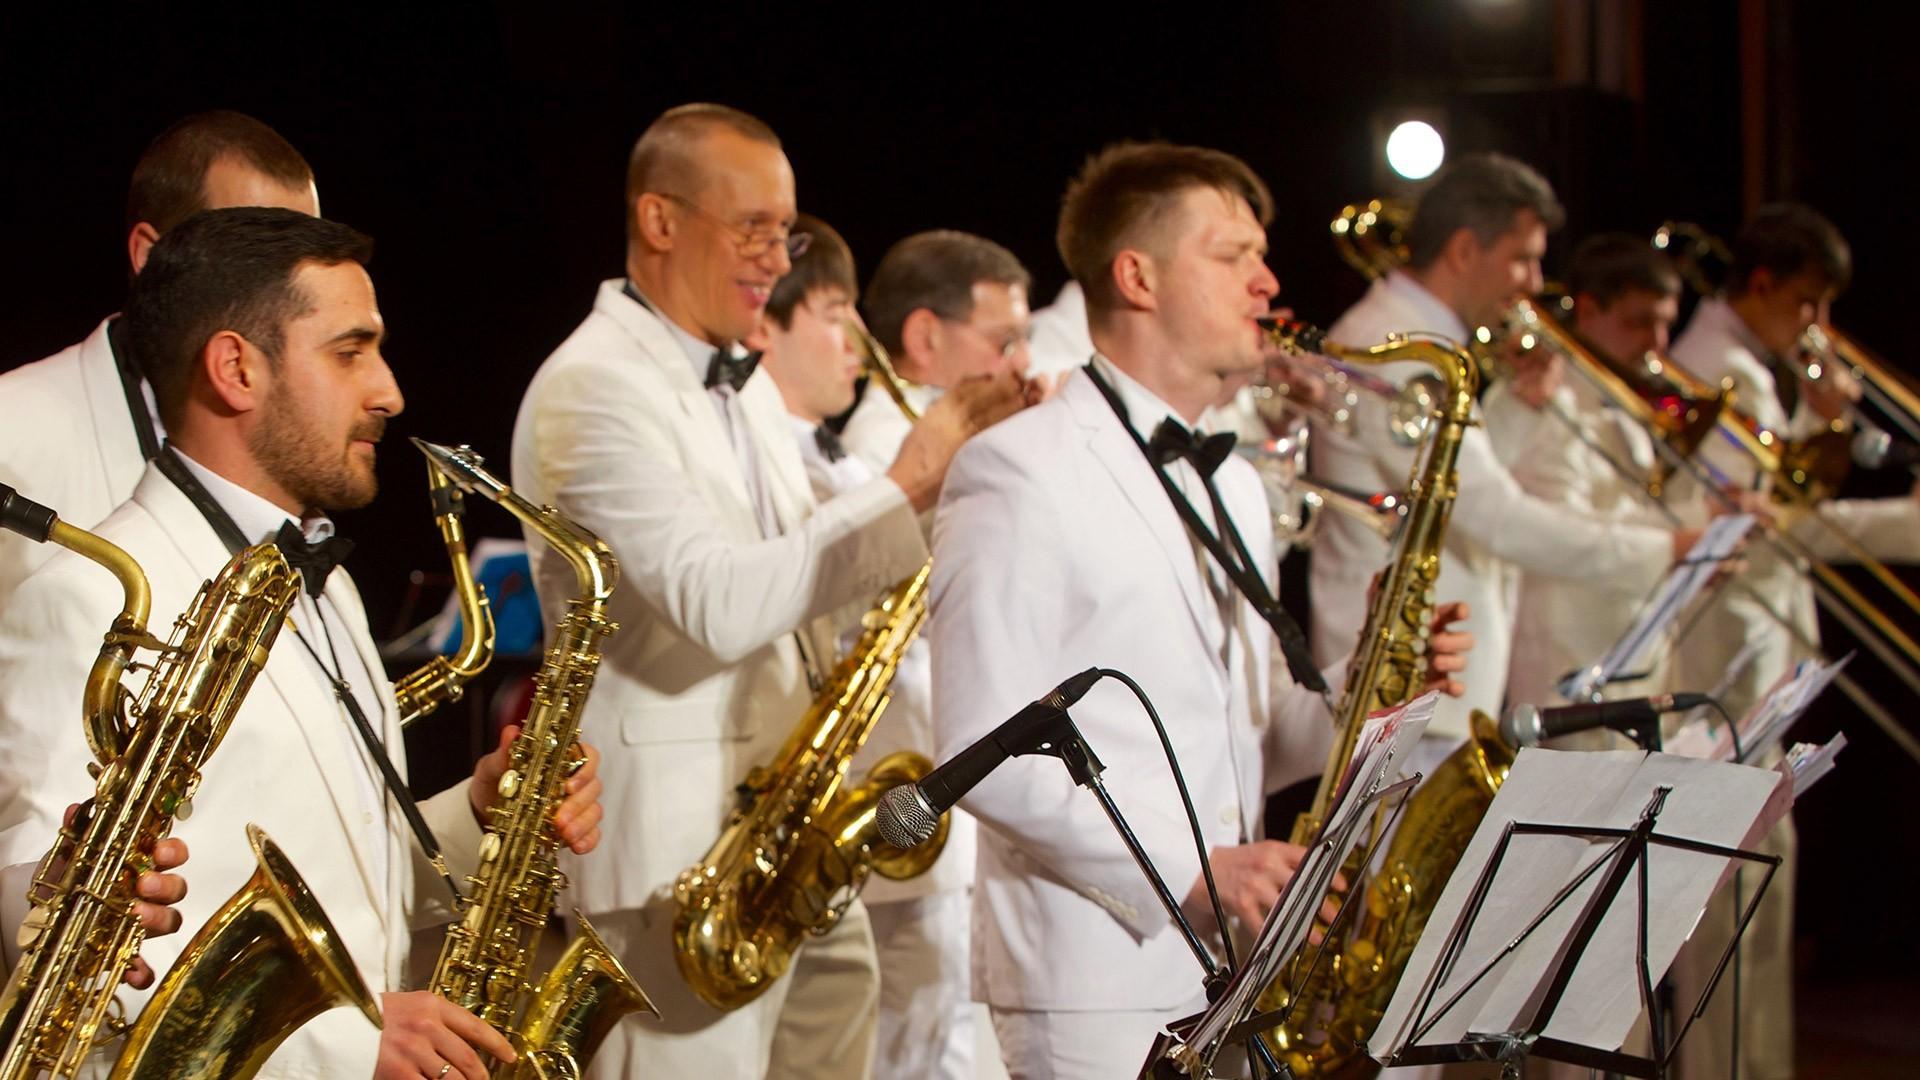 Биг-бенд Георгия Гараняна, Валерия Ланская, Юлиана Рогачёва. Концертная программа «Музыкальные трофеи»